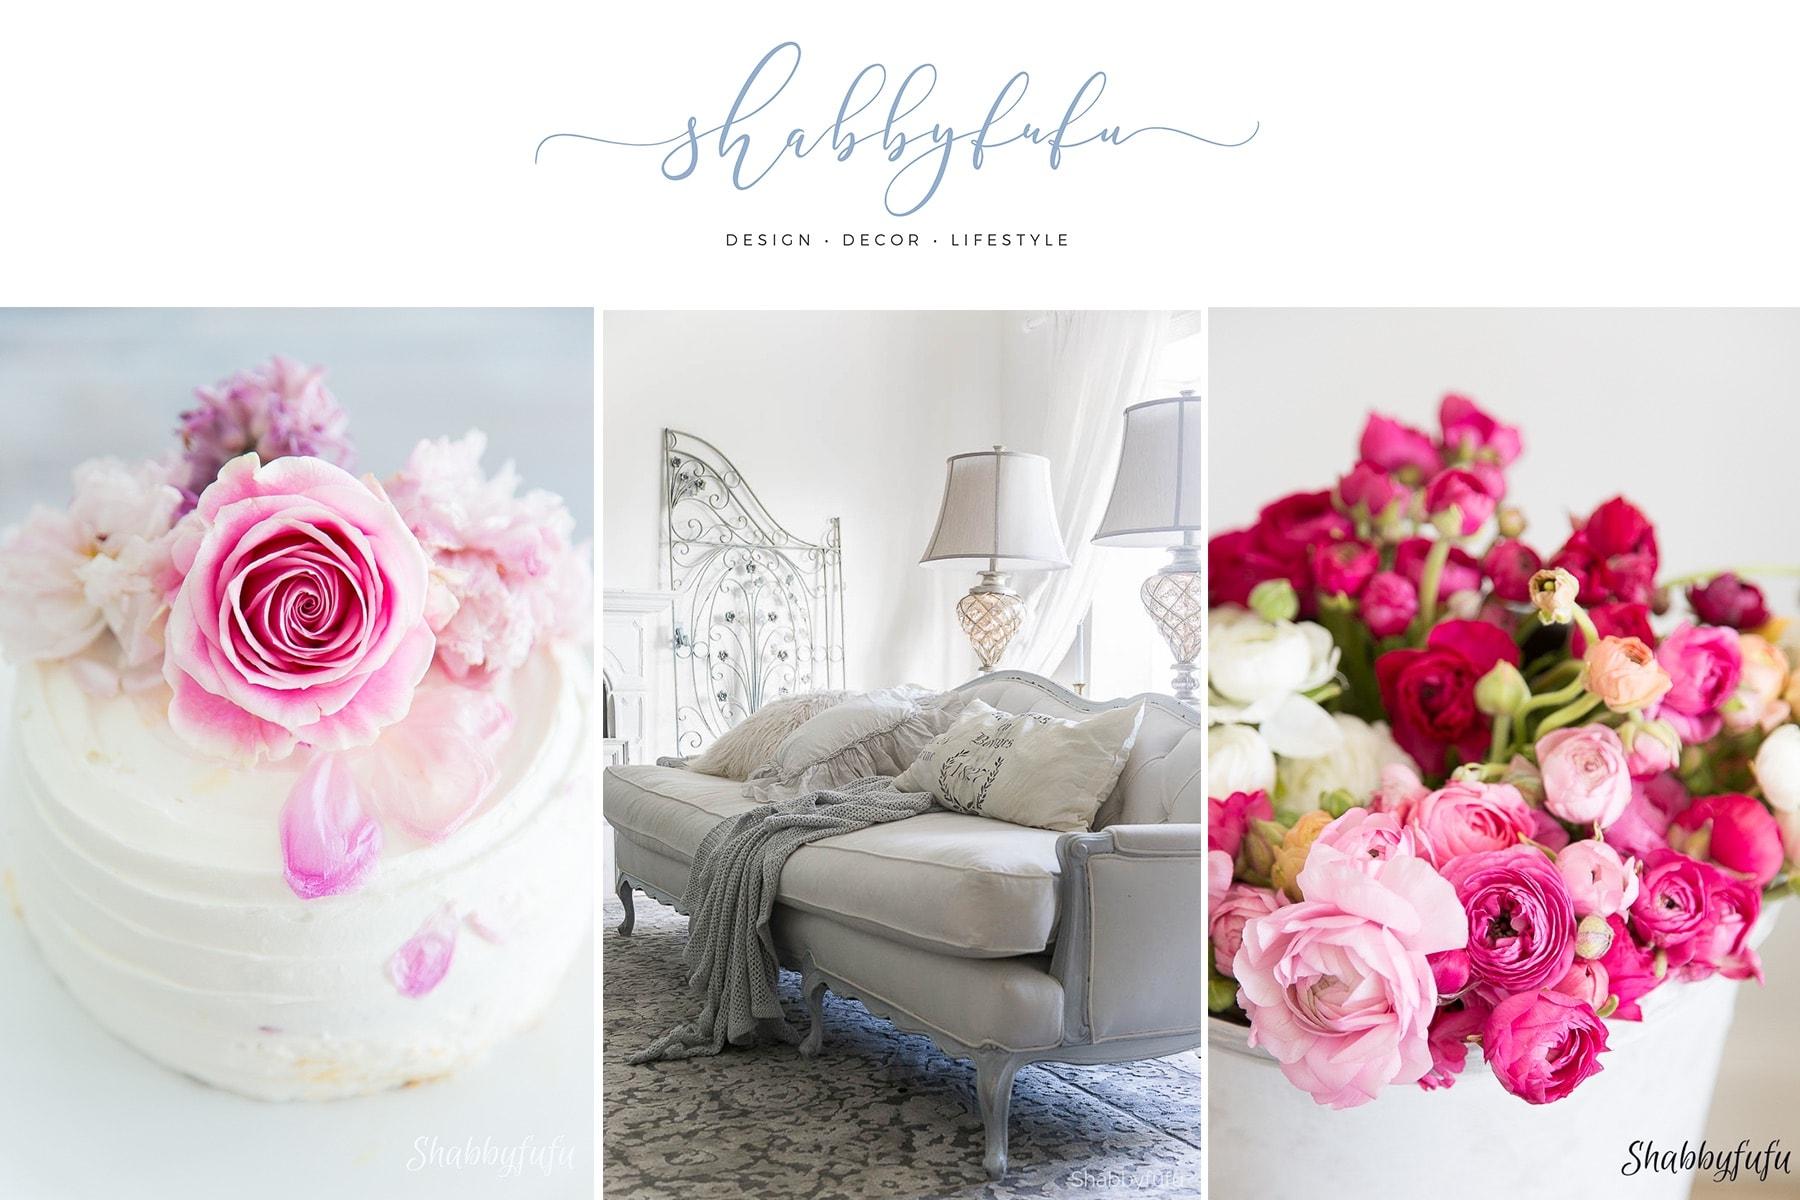 Style Showcase Weekly Collage -Shabbyfufu - Week 13